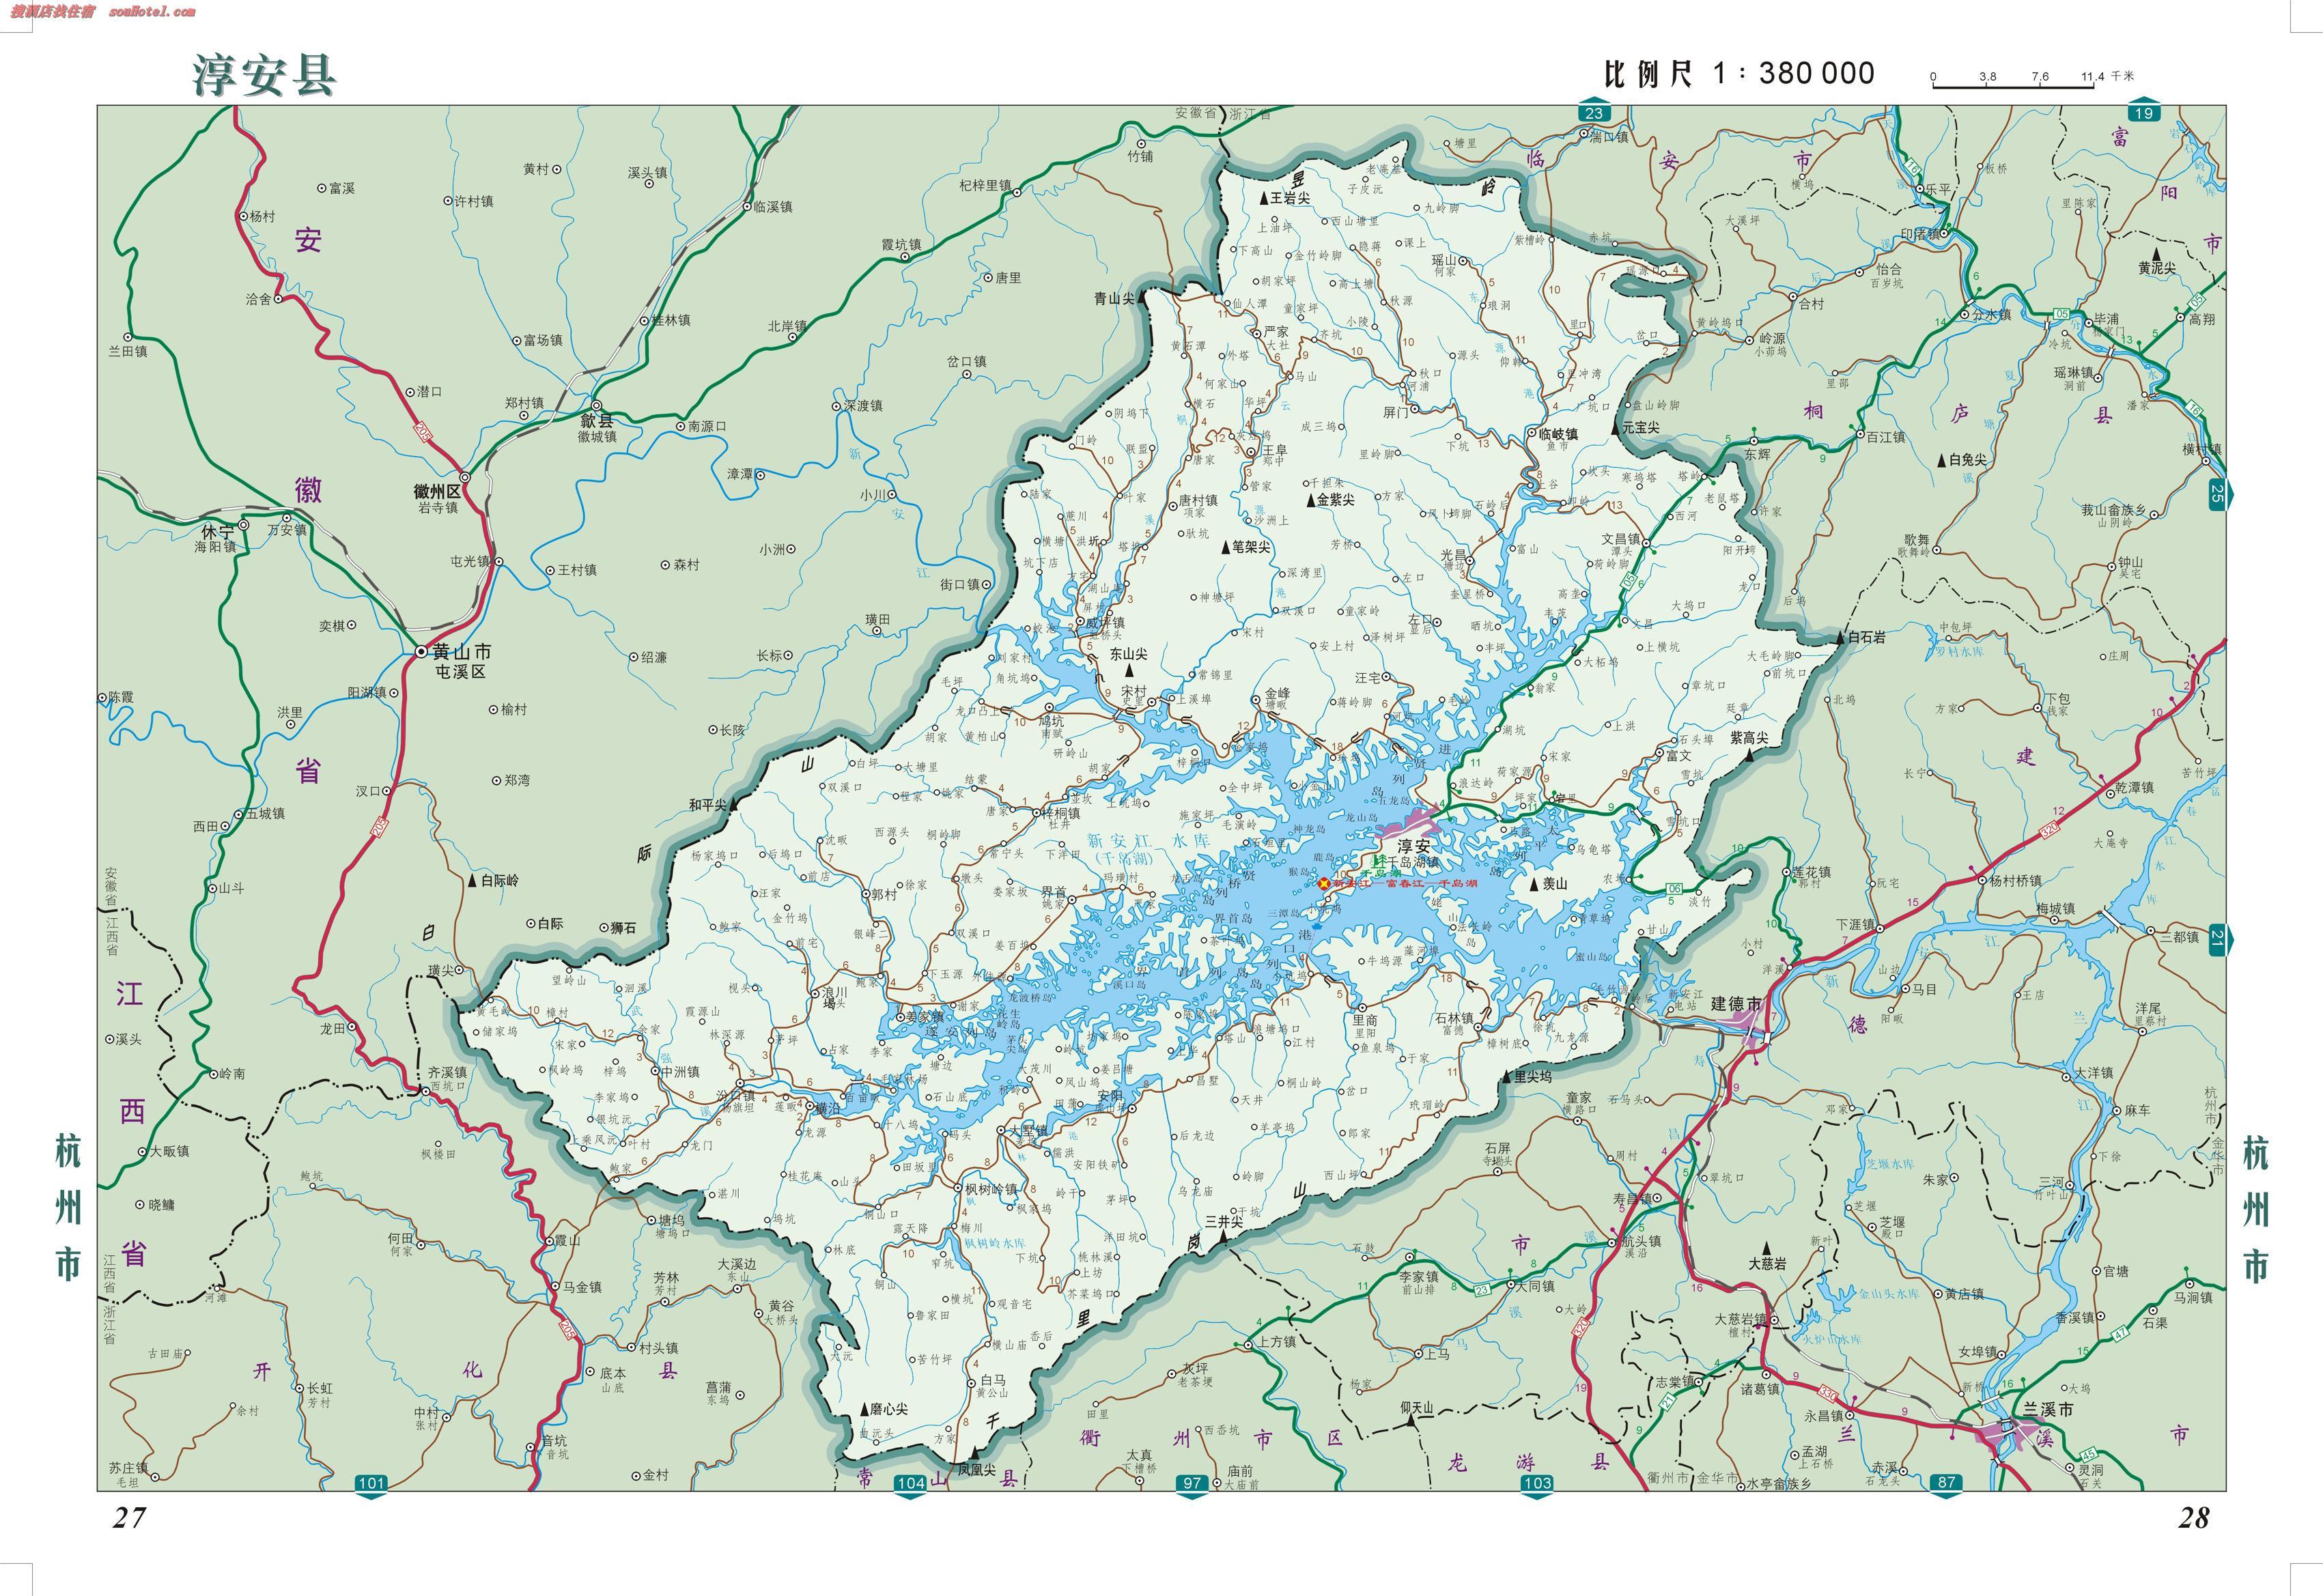 地图窝 中国 浙江 杭州  (长按地图可以放大,保存,分享)图片